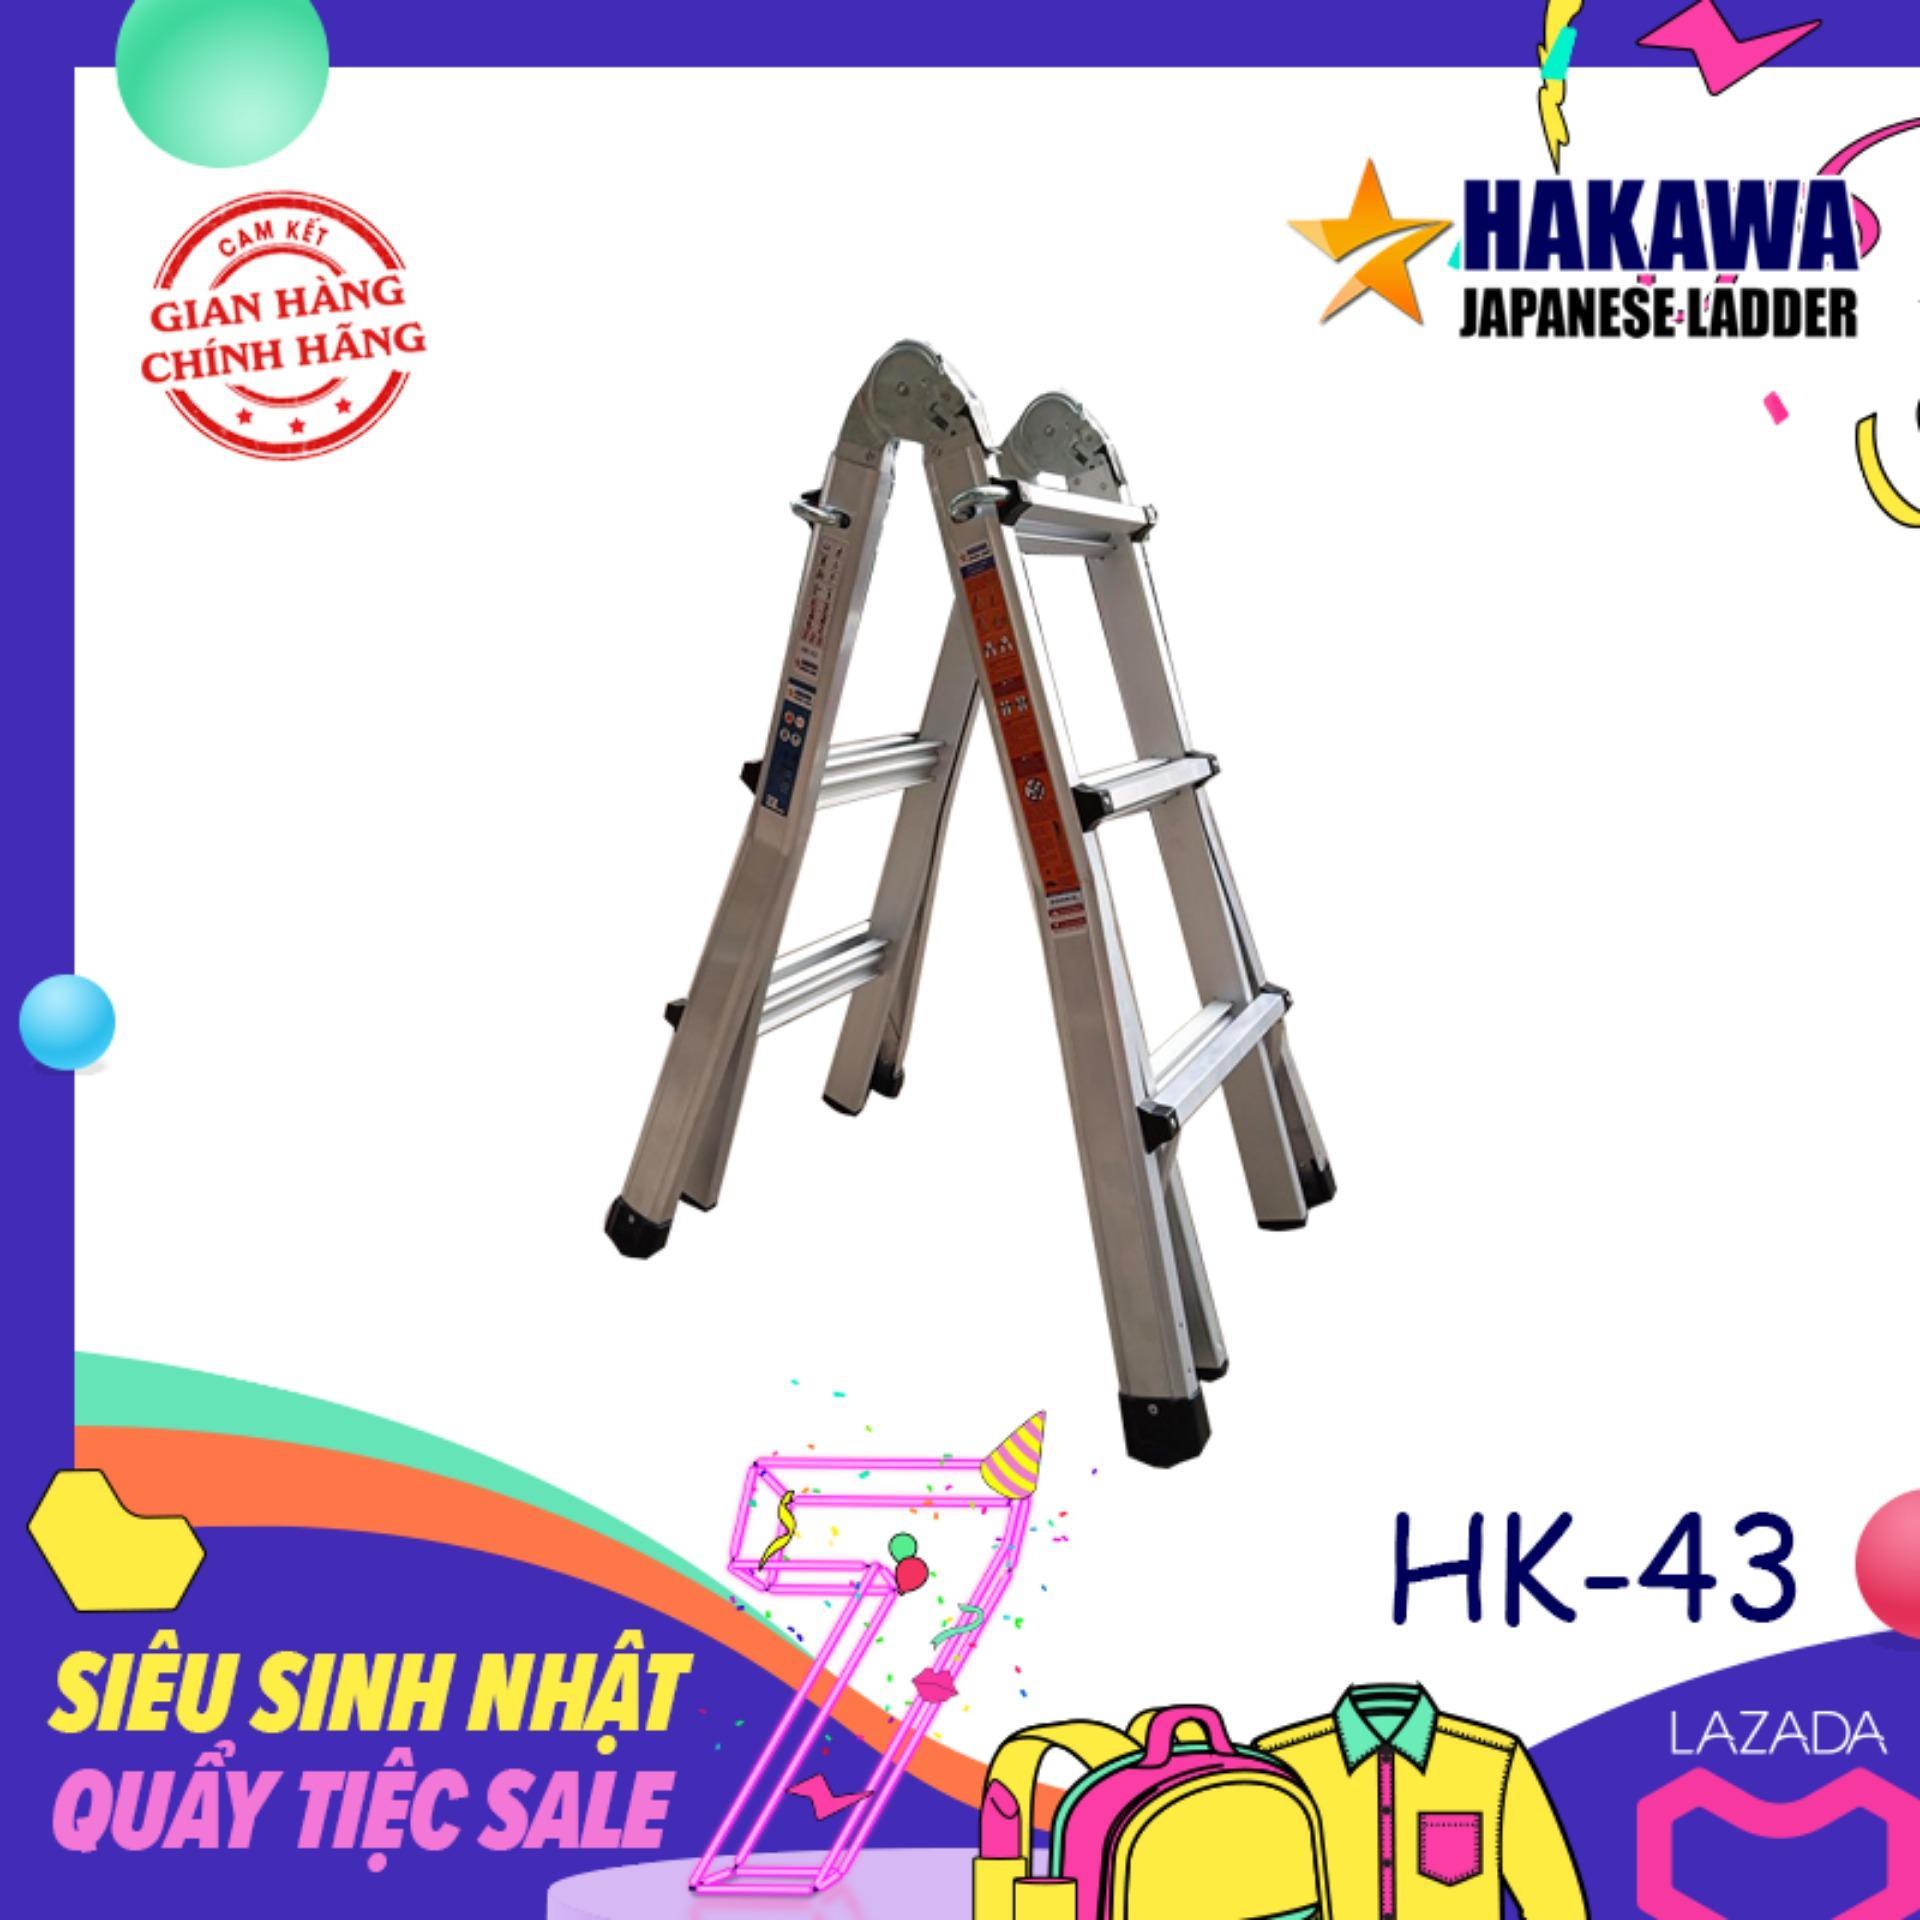 [THANG NHÔM NHẬT BẢN] Thang nhôm trượt HAKAWA HK43 - Không khuyết điển , chiếc thang tin cậy cho mọi nhà